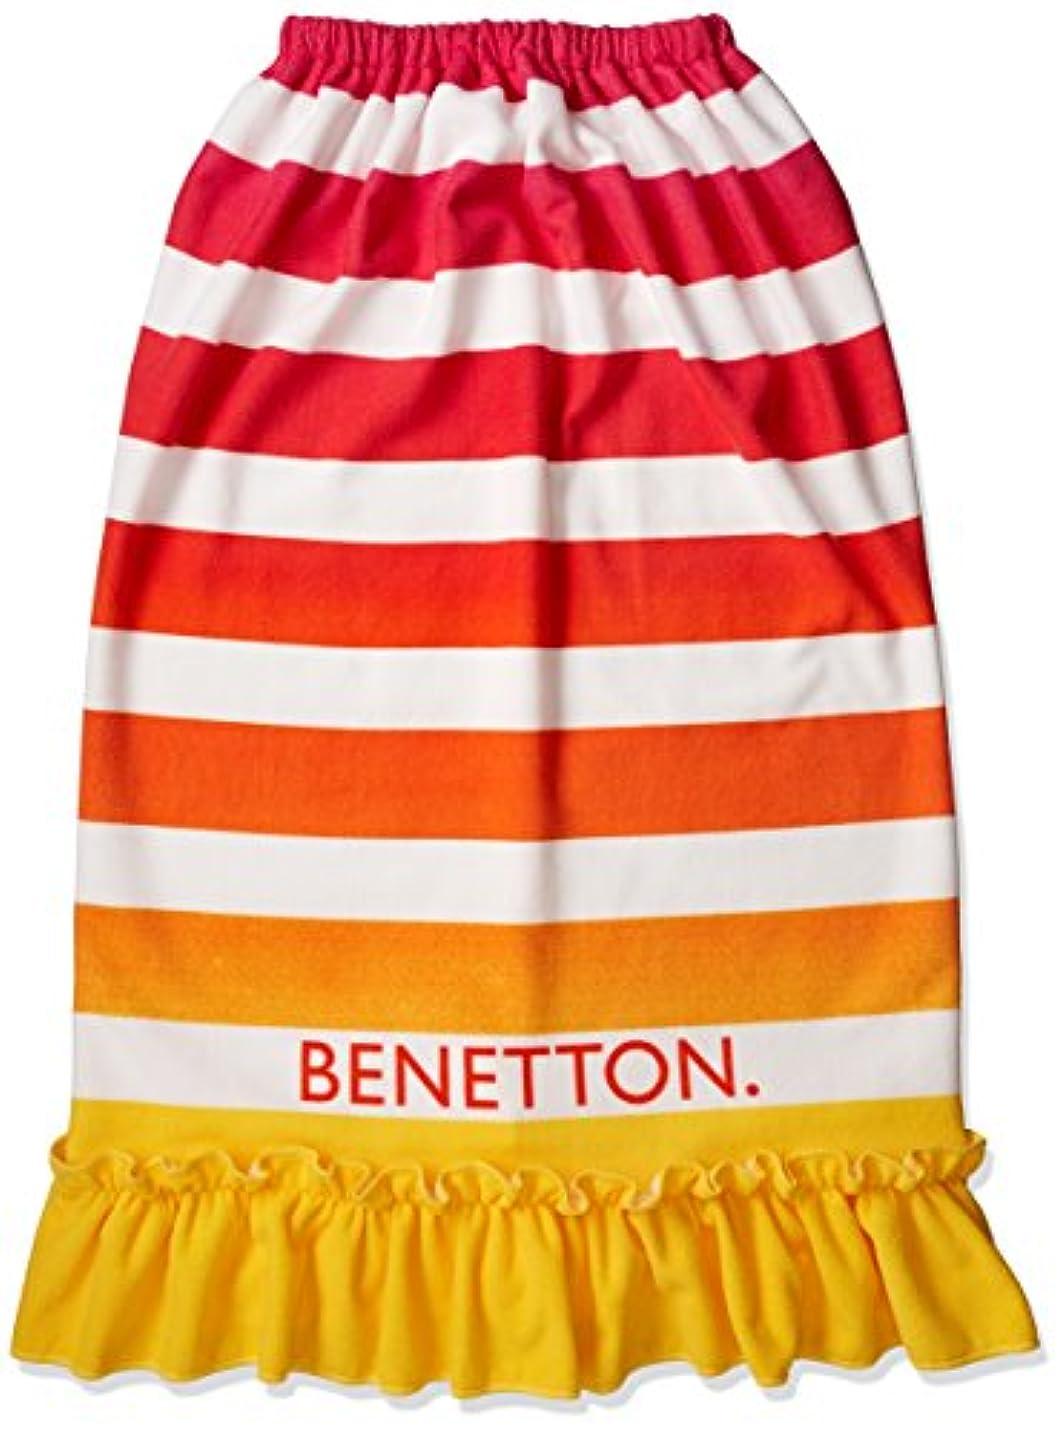 五十感嘆笑(ベネトン)Benetton(ベネトン) BENETTON マイクロファイバー巻きタオル128419